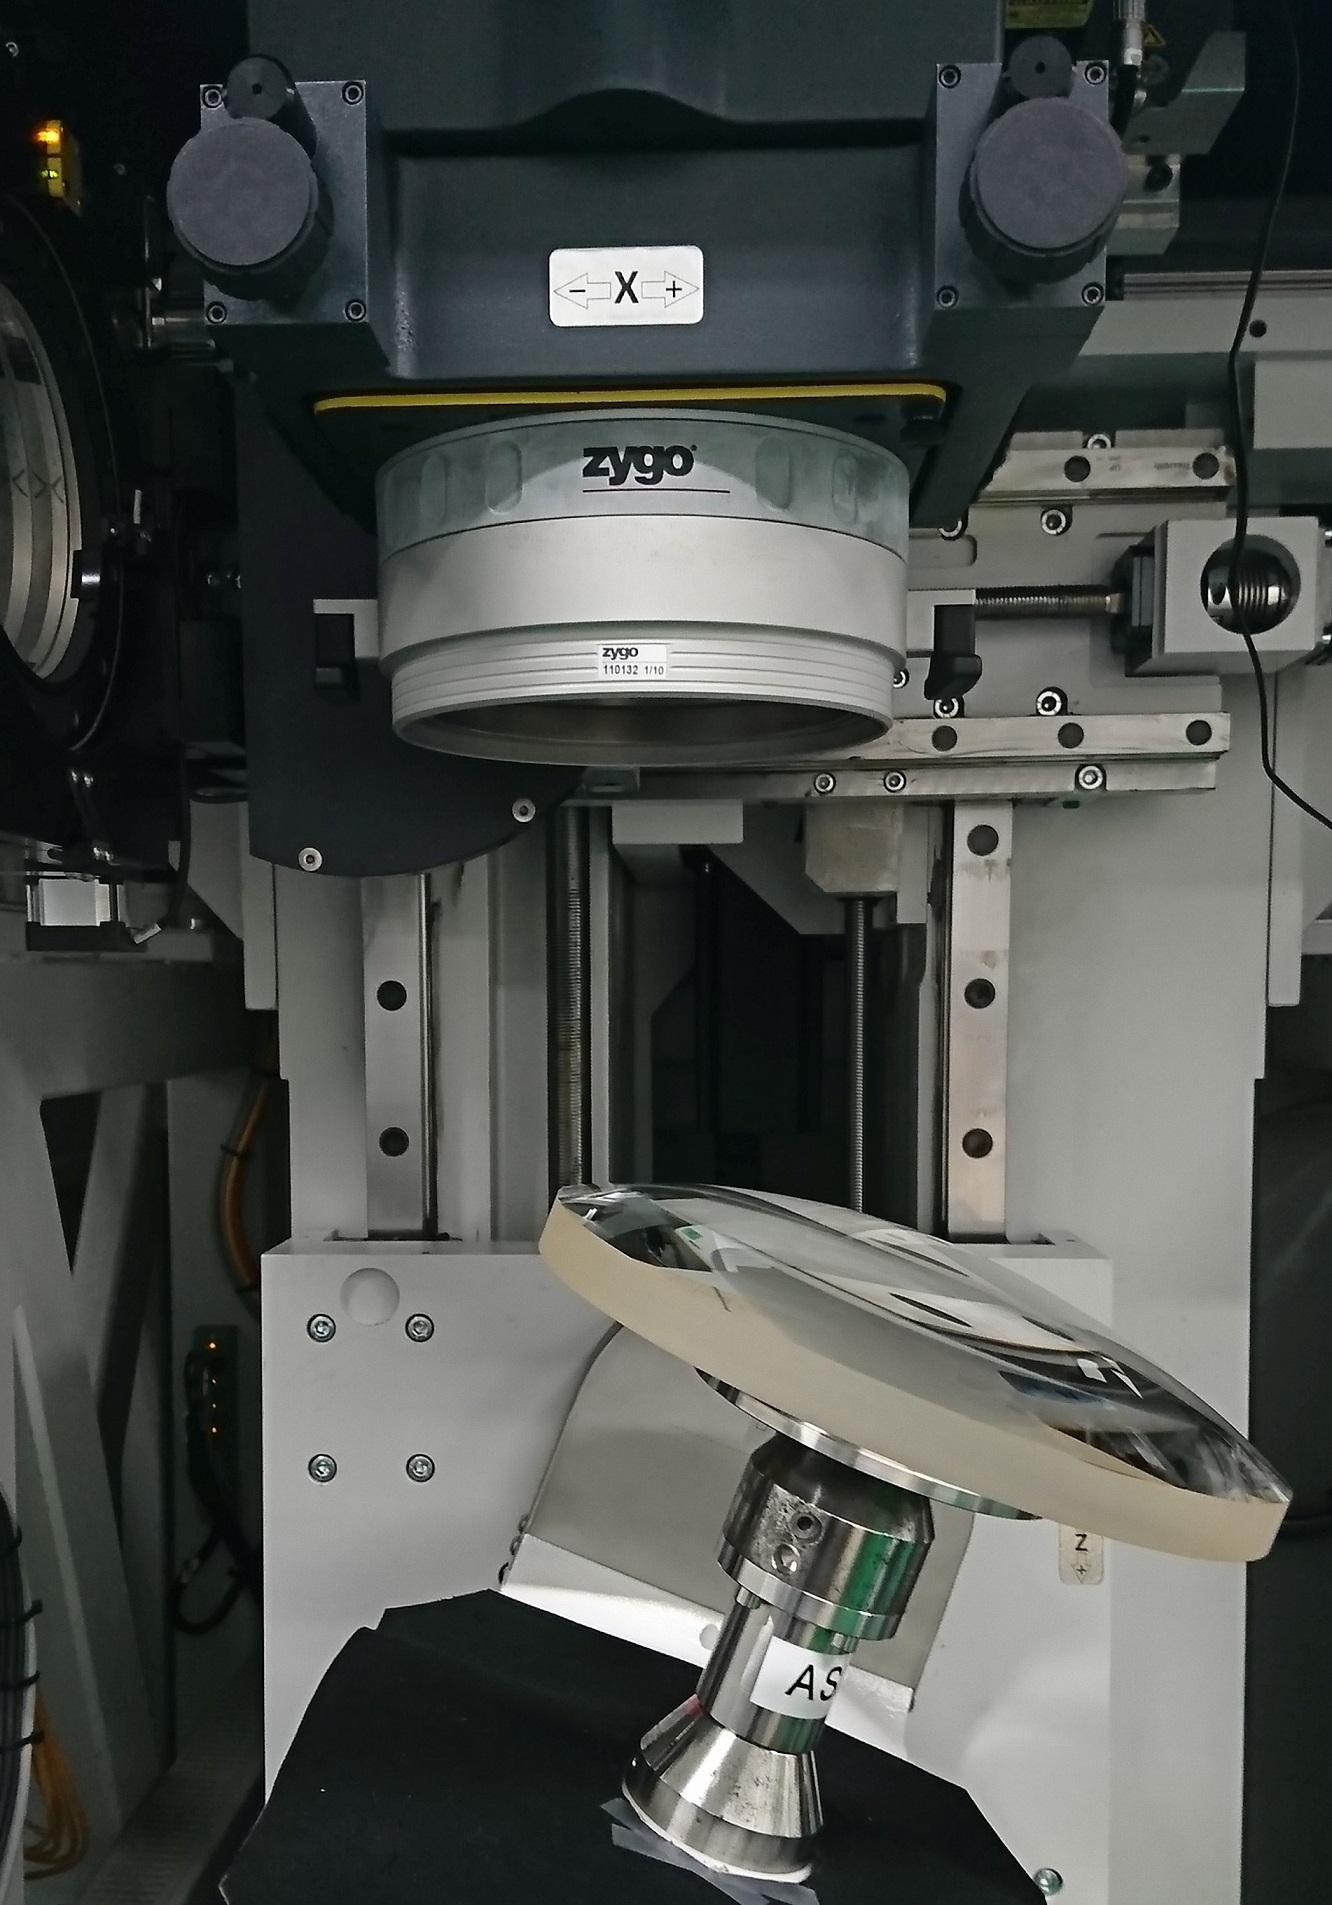 此範例為量測口徑266 mm之凸球面,鏡片需傾斜並旋轉讓干涉儀逐步量測次口徑表面形貌,進而拼接取得完整鏡面形狀誤差。